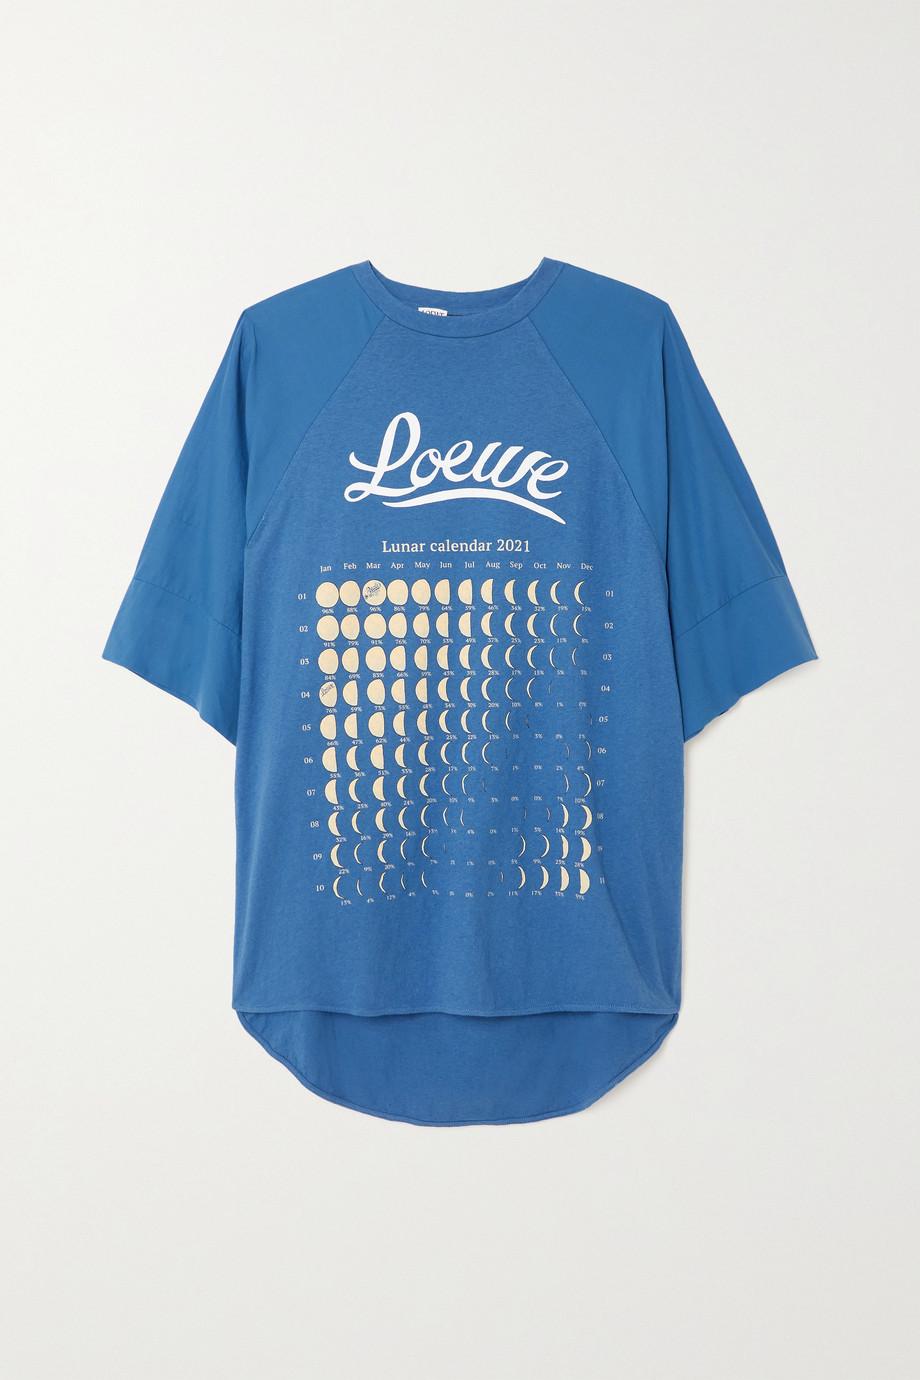 Loewe T-shirt oversize en jersey de coton et de chanvre mélangés imprimé x Paula's Ibiza